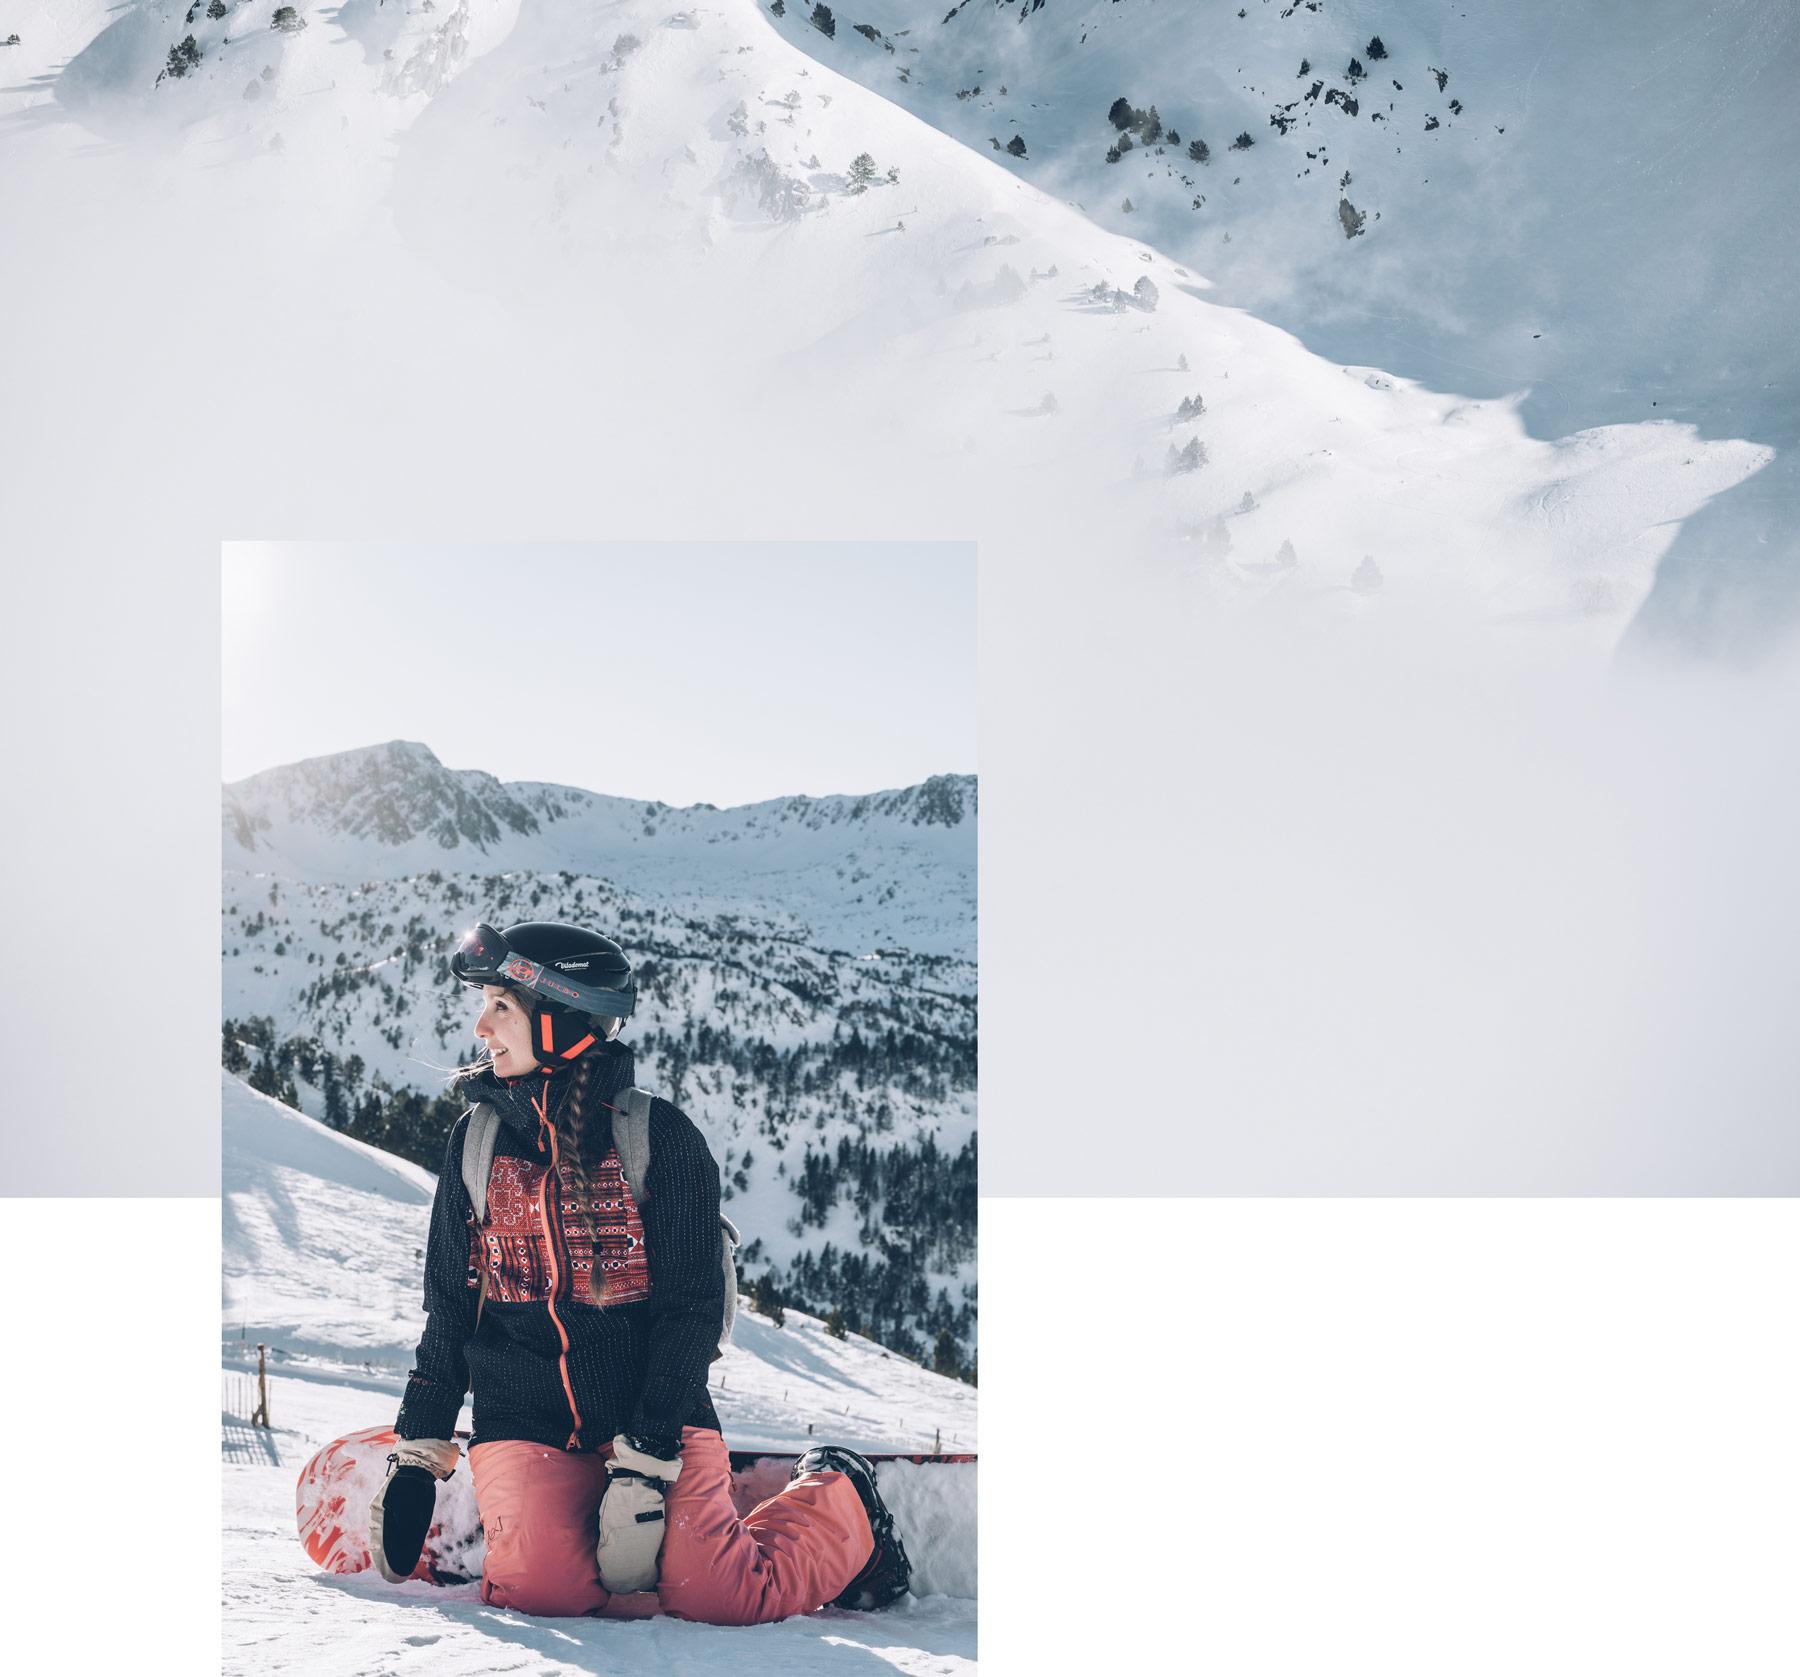 Station de ski Andorre: Grandvalira